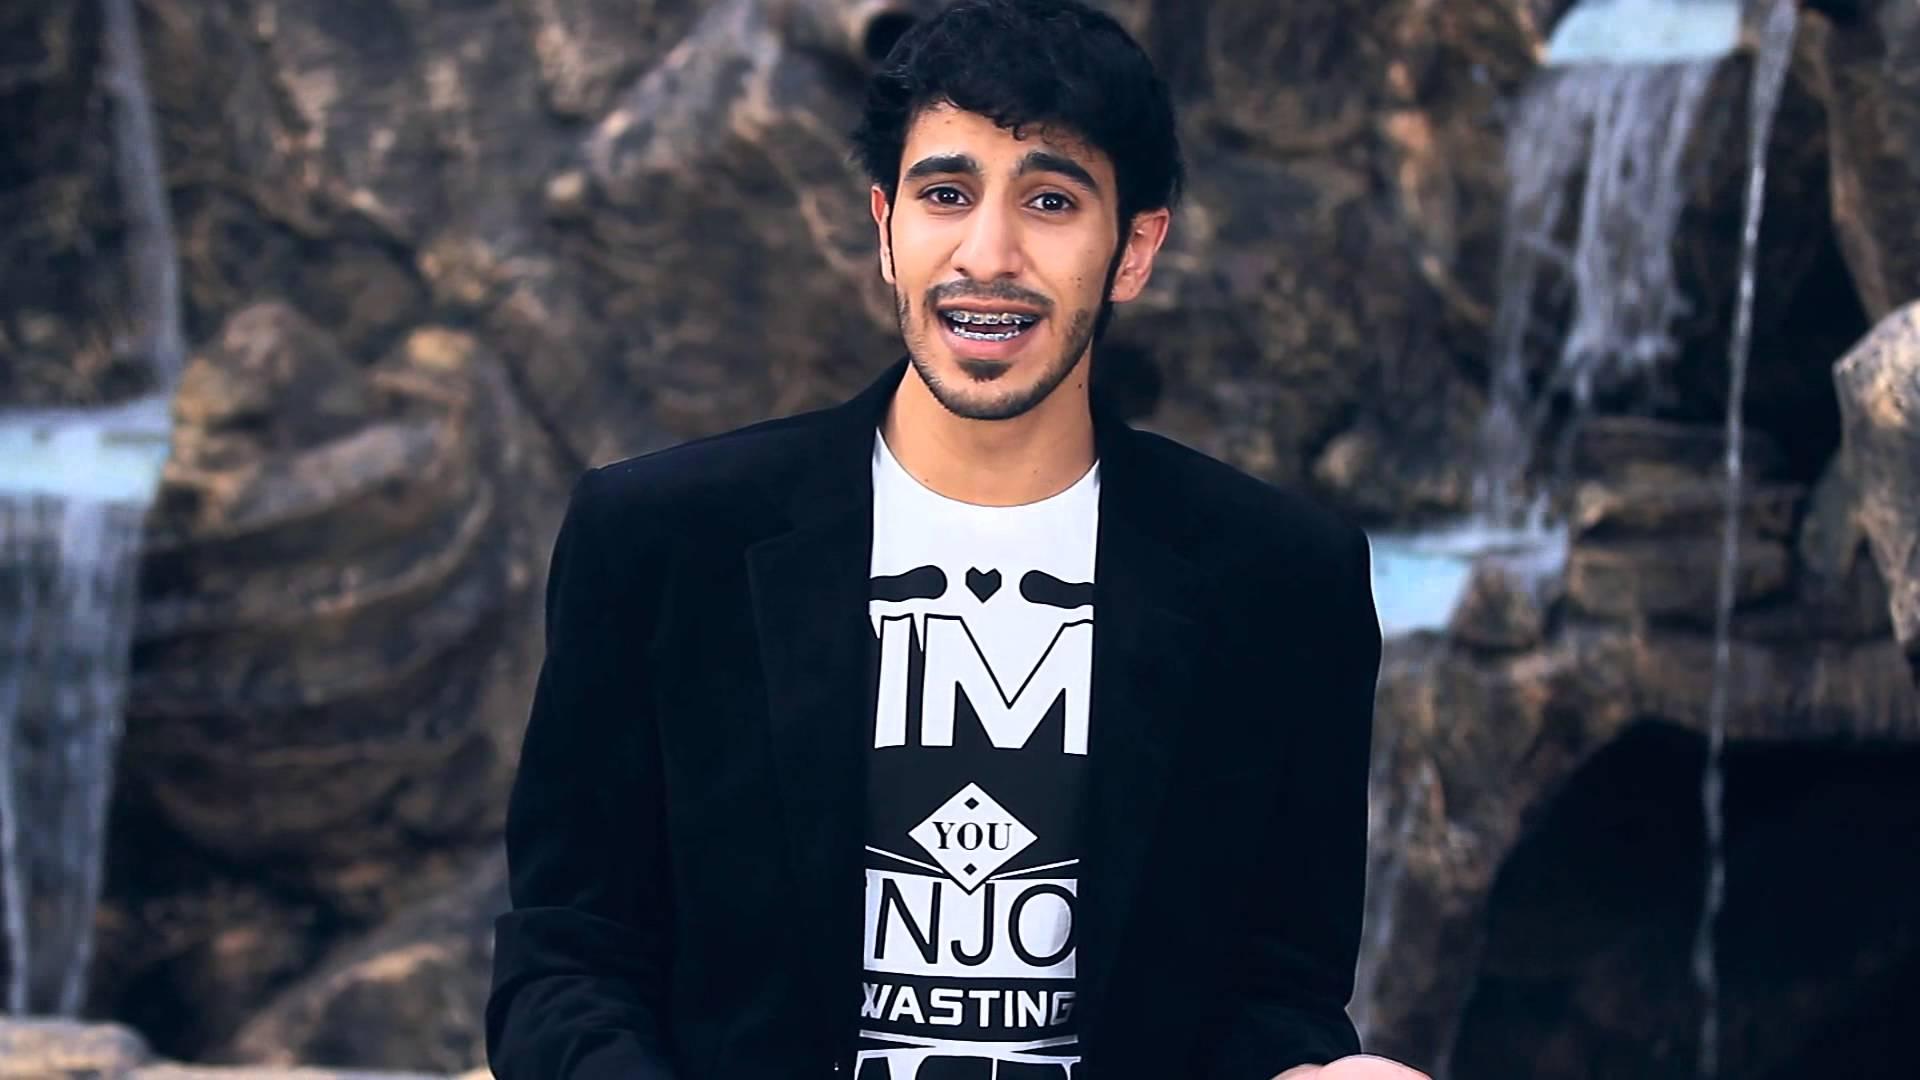 ابتسم | إبراهيم الشايع ♪ | Smile